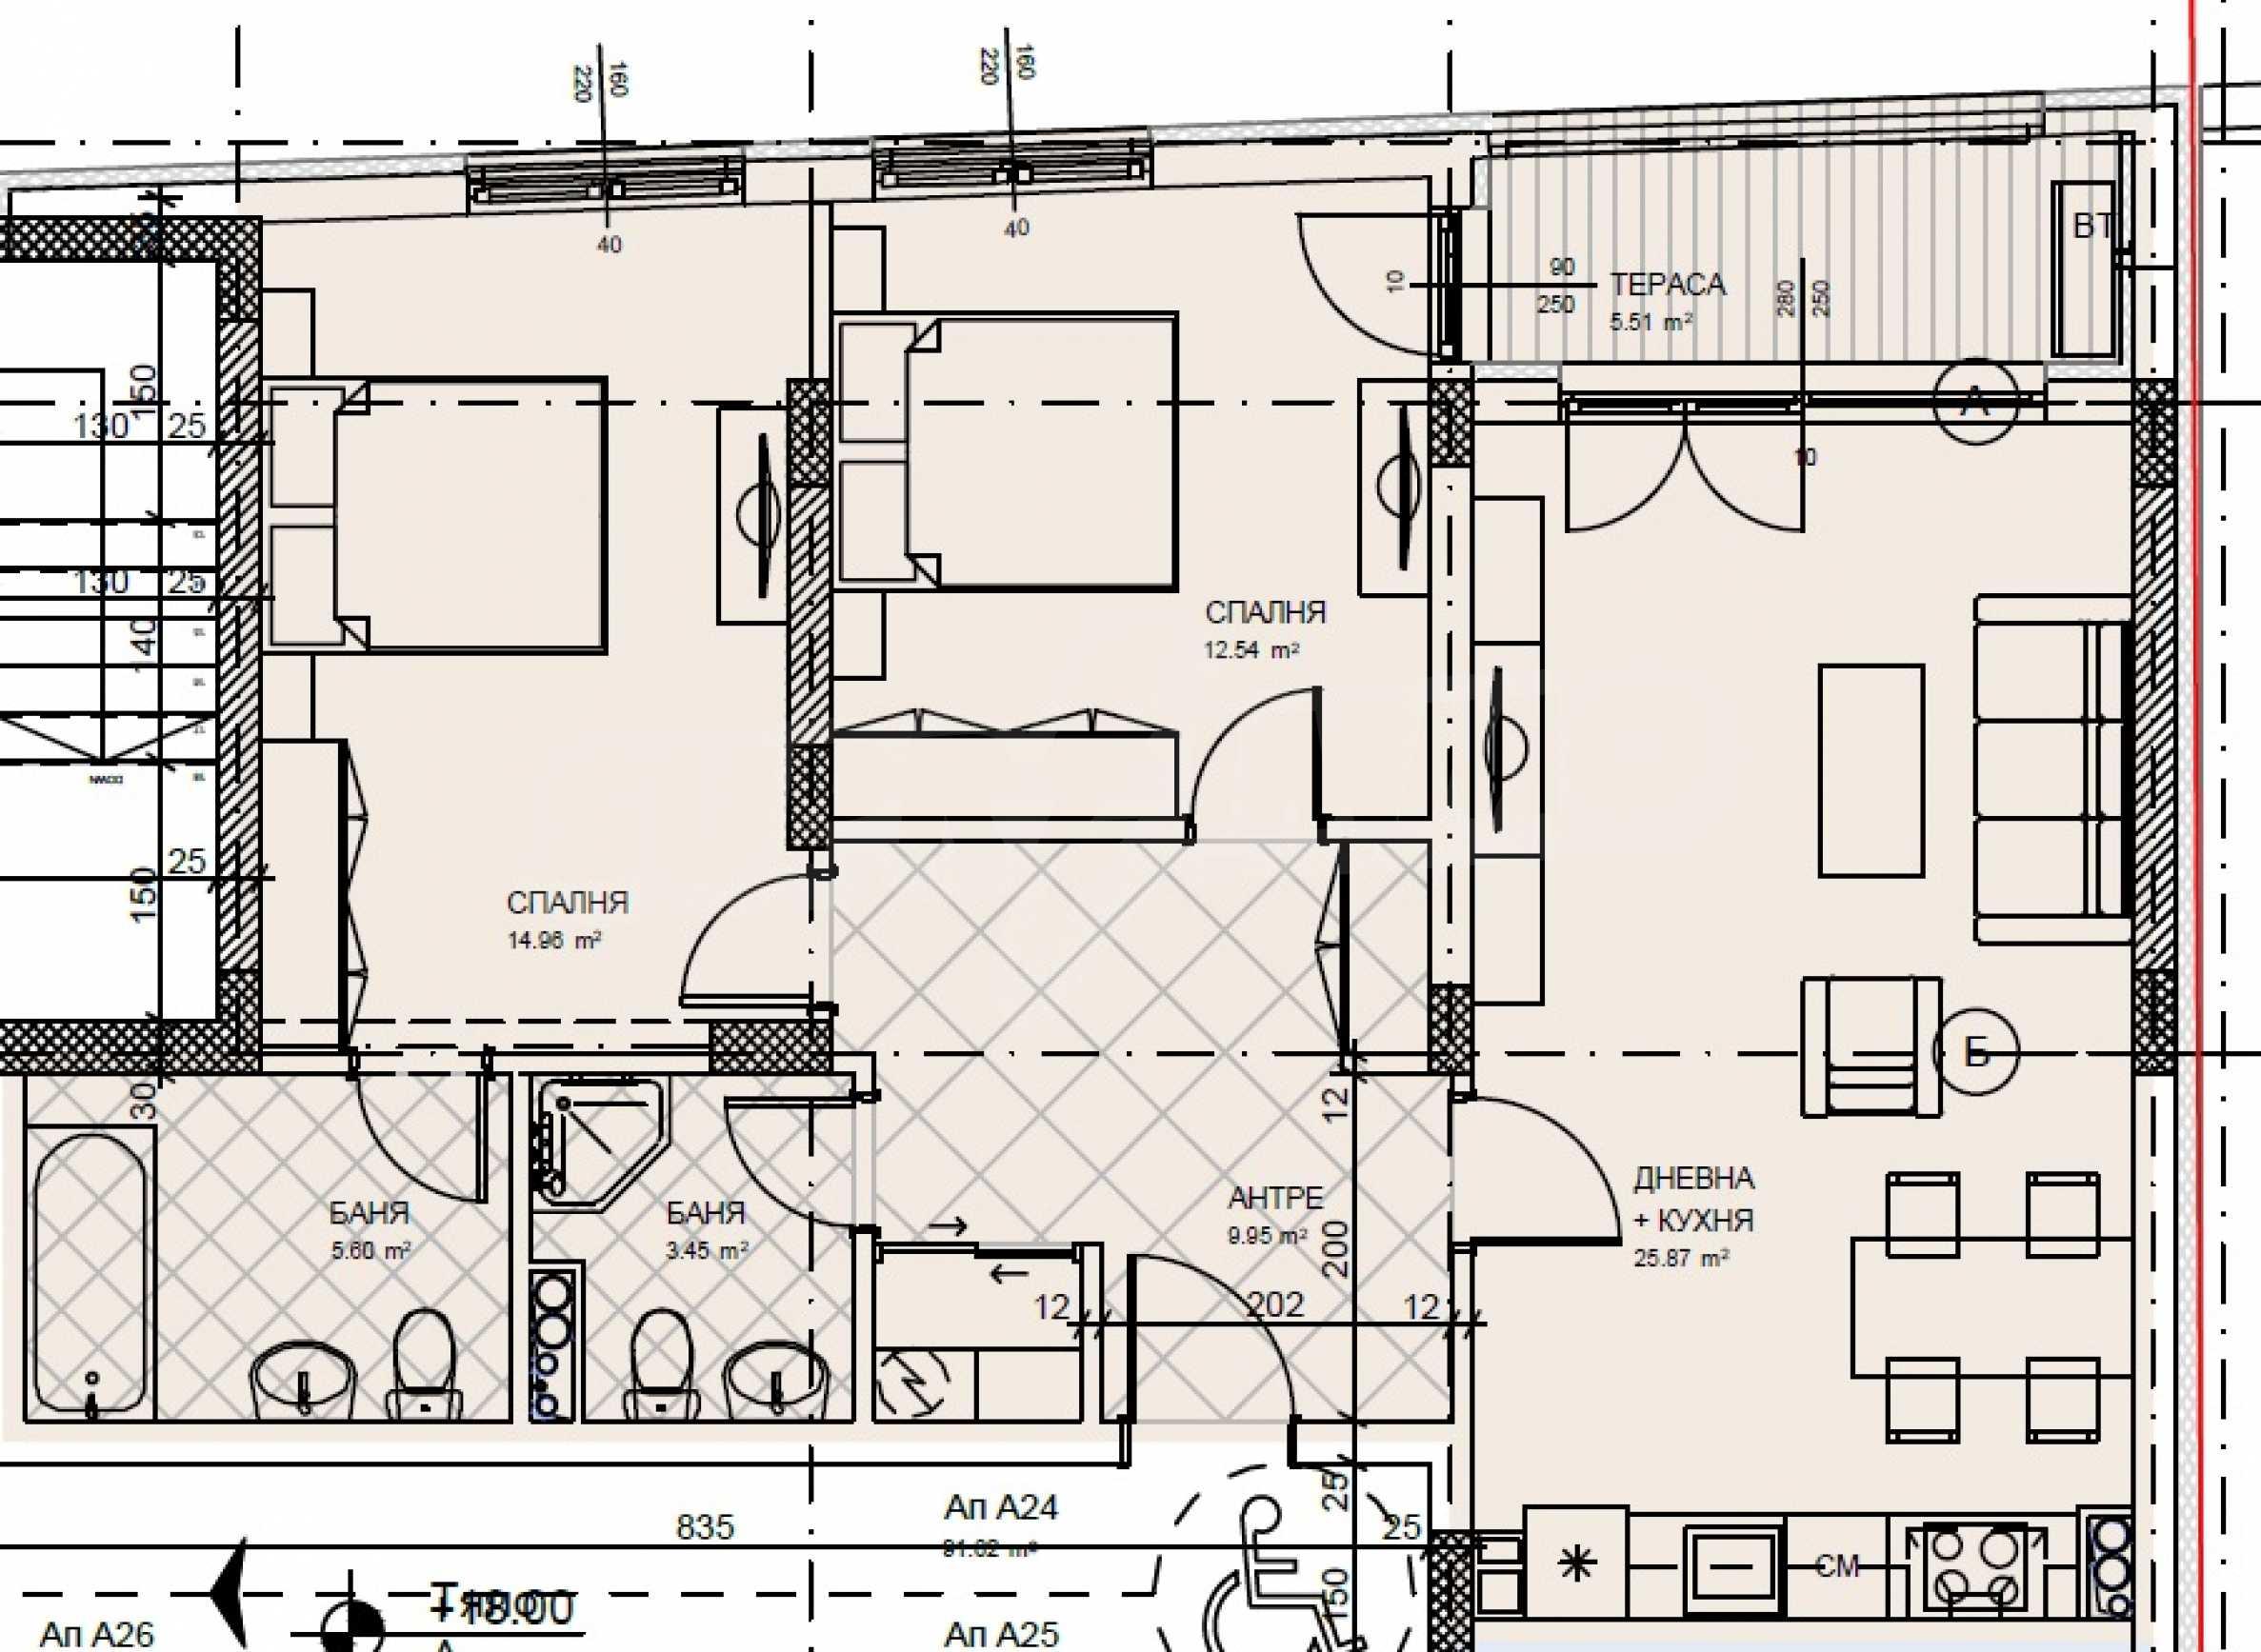 Тристаен апартамент в нов комплекс до центъра 4